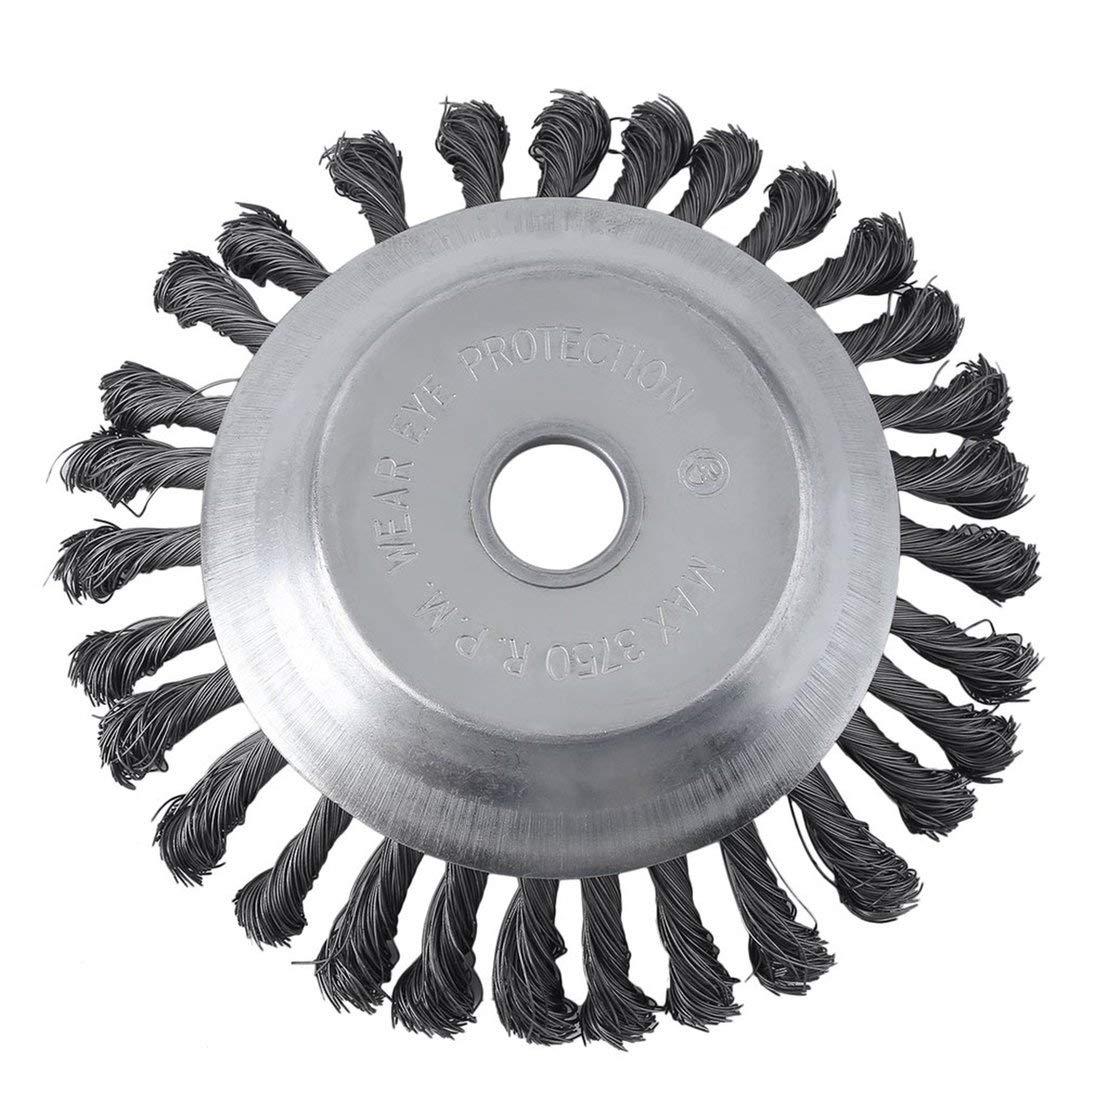 runde twist wire wheel bürste zum bürsten- / unkraut schneiden